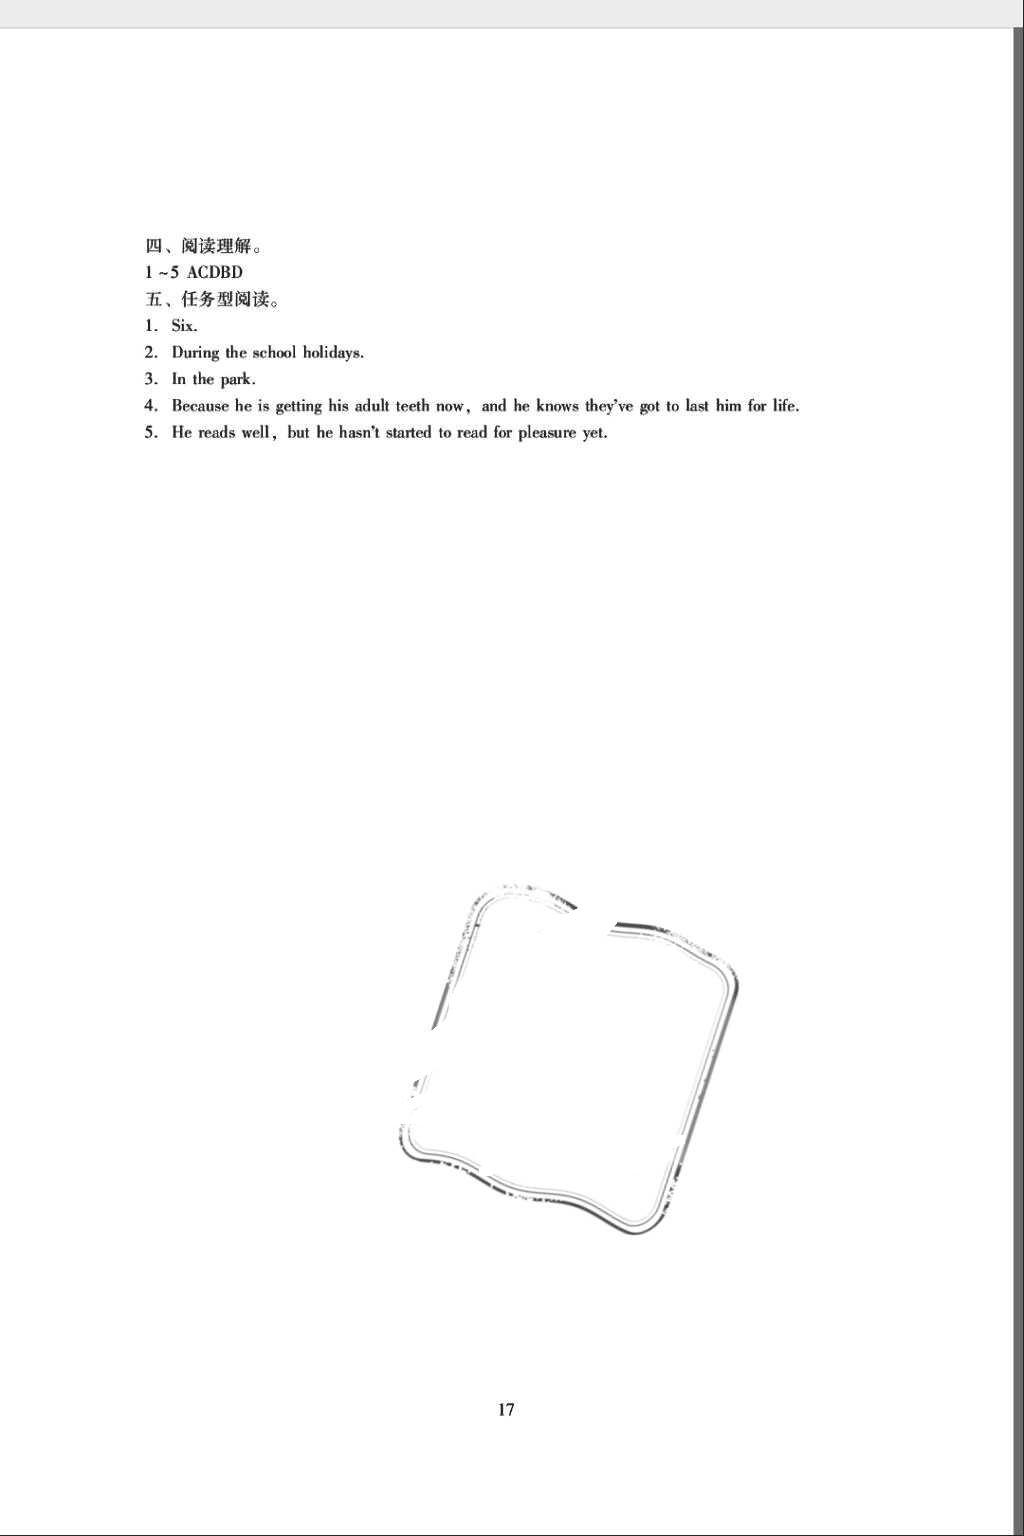 2018年暑假生活七年级语文数学英语湖南少年儿童出版社第18页